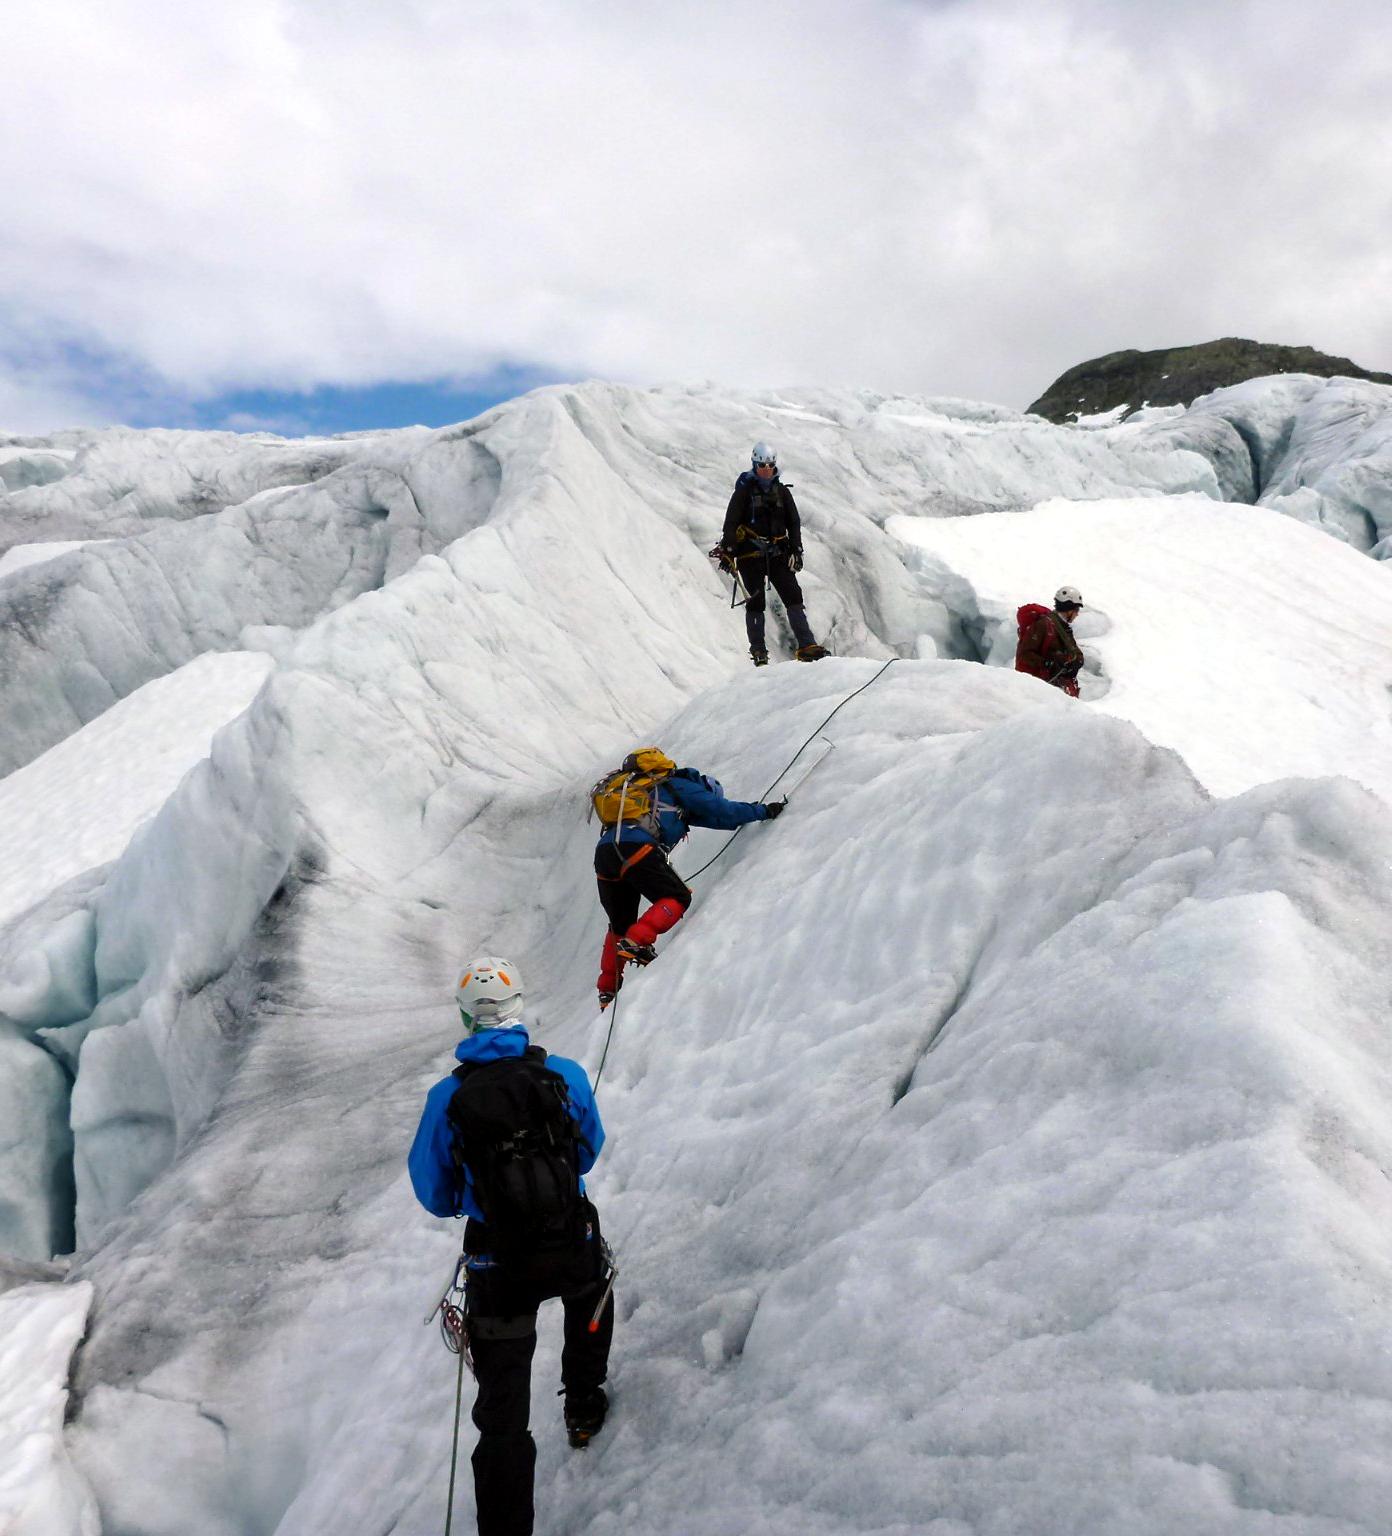 Gletscherwanderungen auf dem Jostedalsbreen